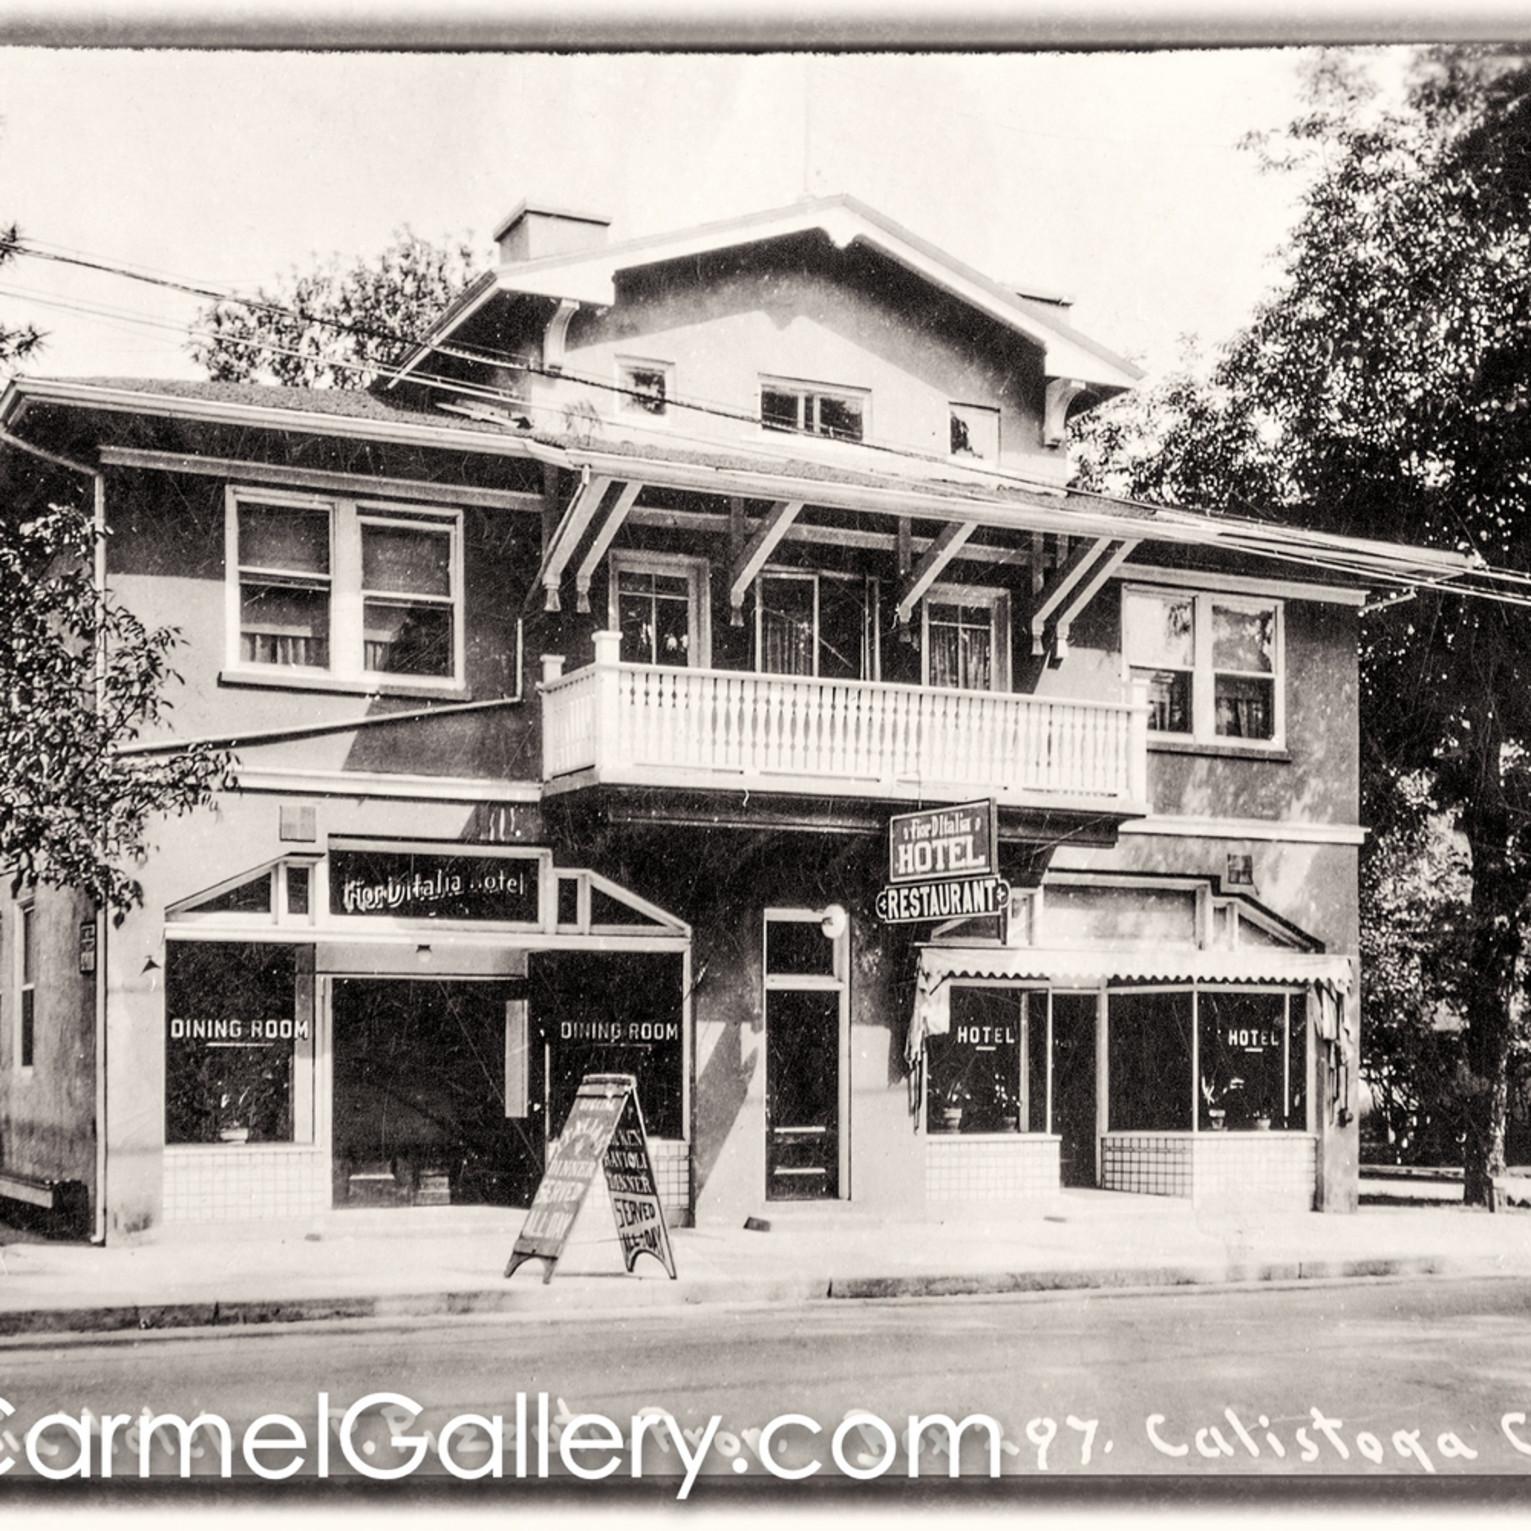 Calistoga inn 1920 s pmvveo